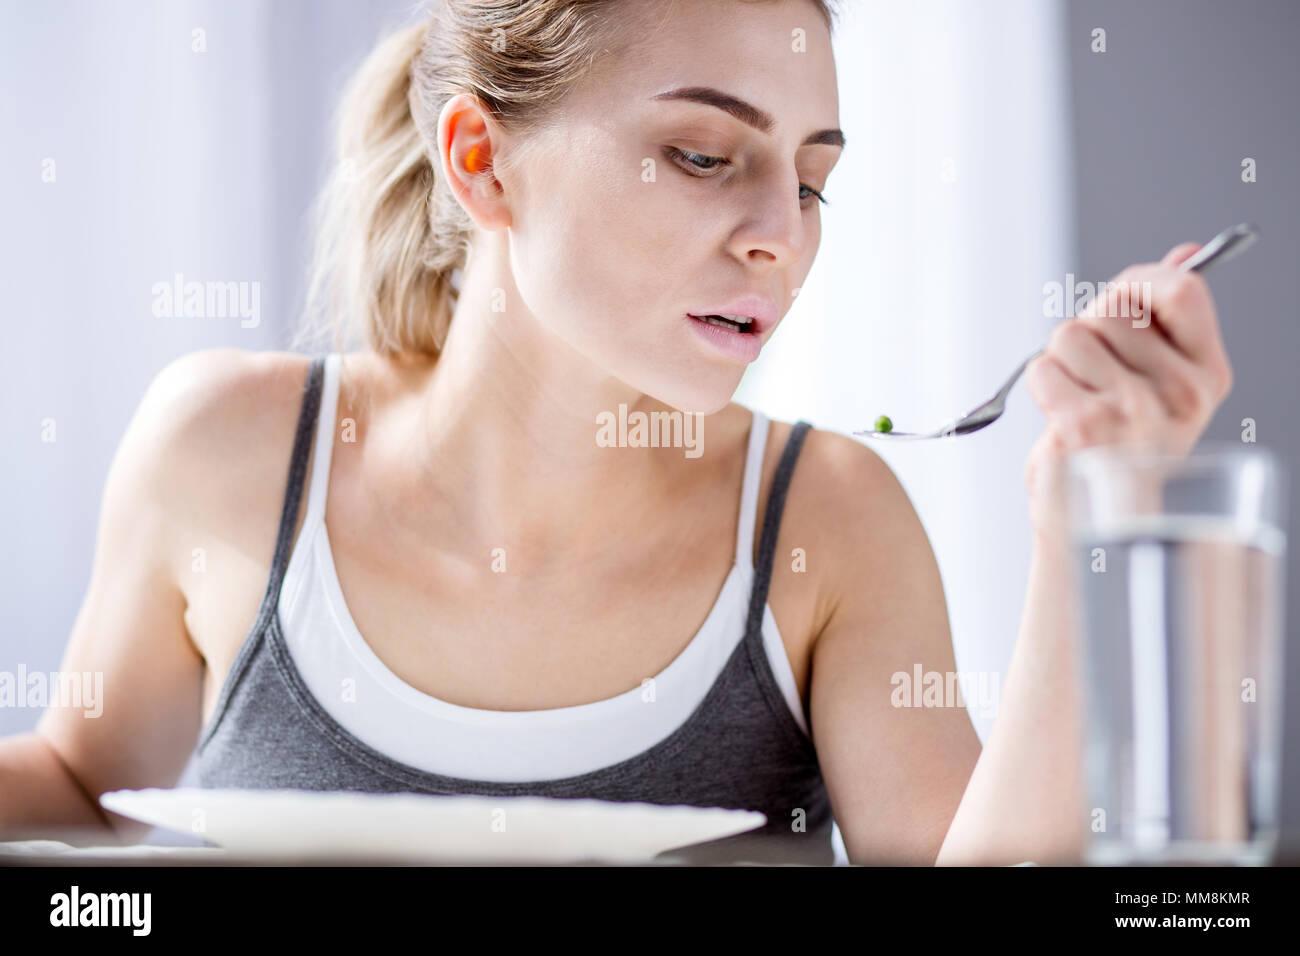 Sombre femme triste d'être sur un régime alimentaire Photo Stock